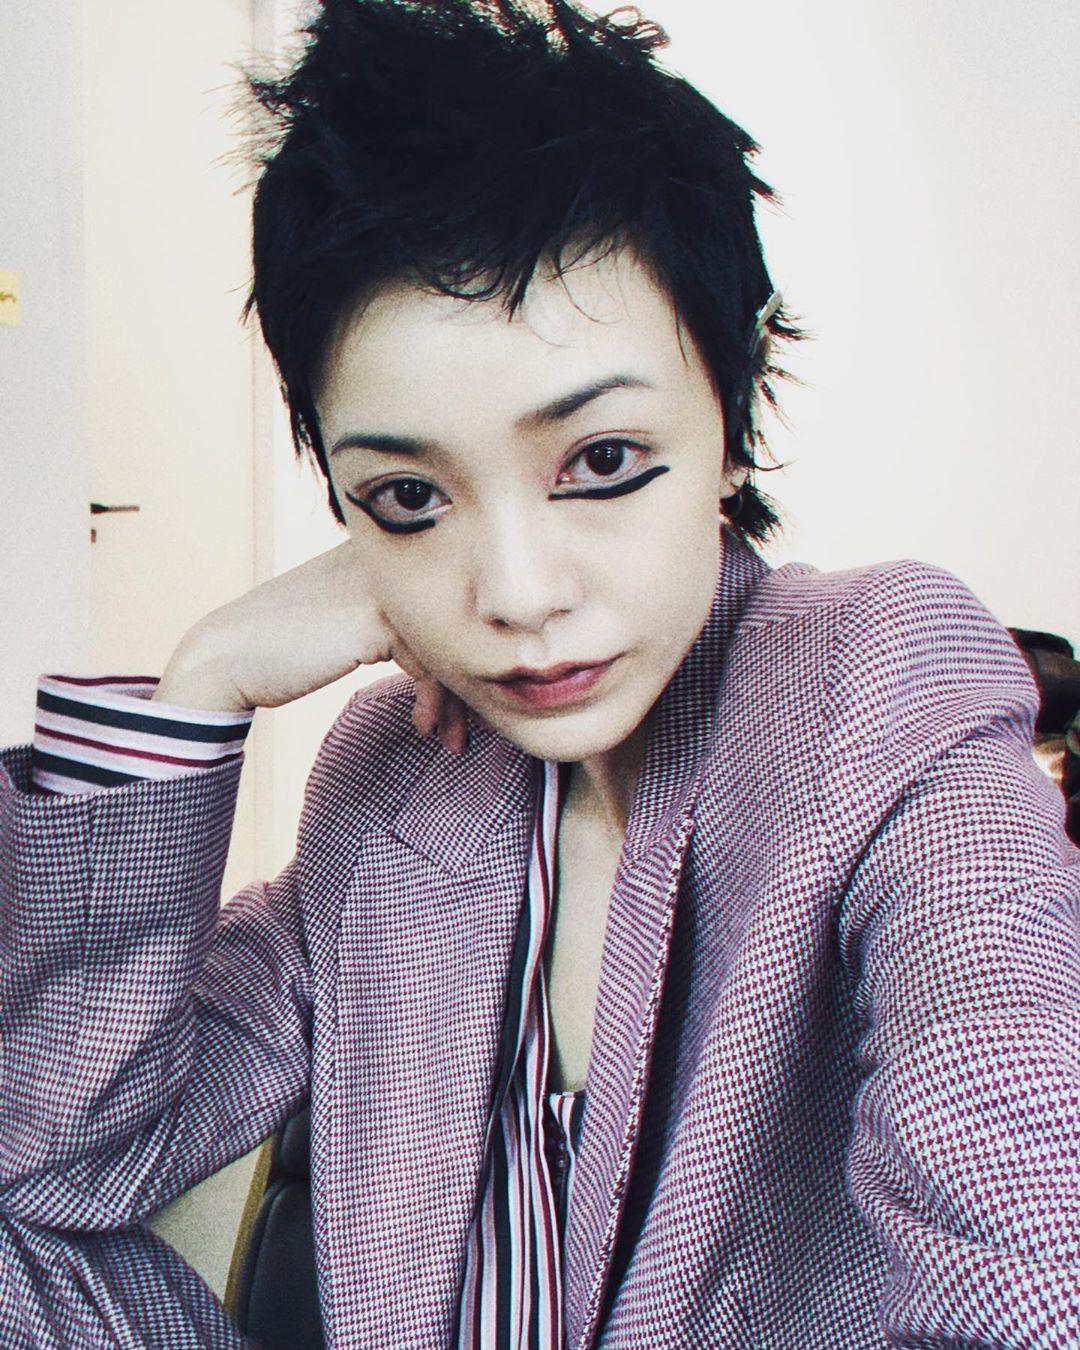 遭嗆「唱歌不怎樣」惹怒郭采潔 她公開「黑粉全臉照」:看起來挺善良!